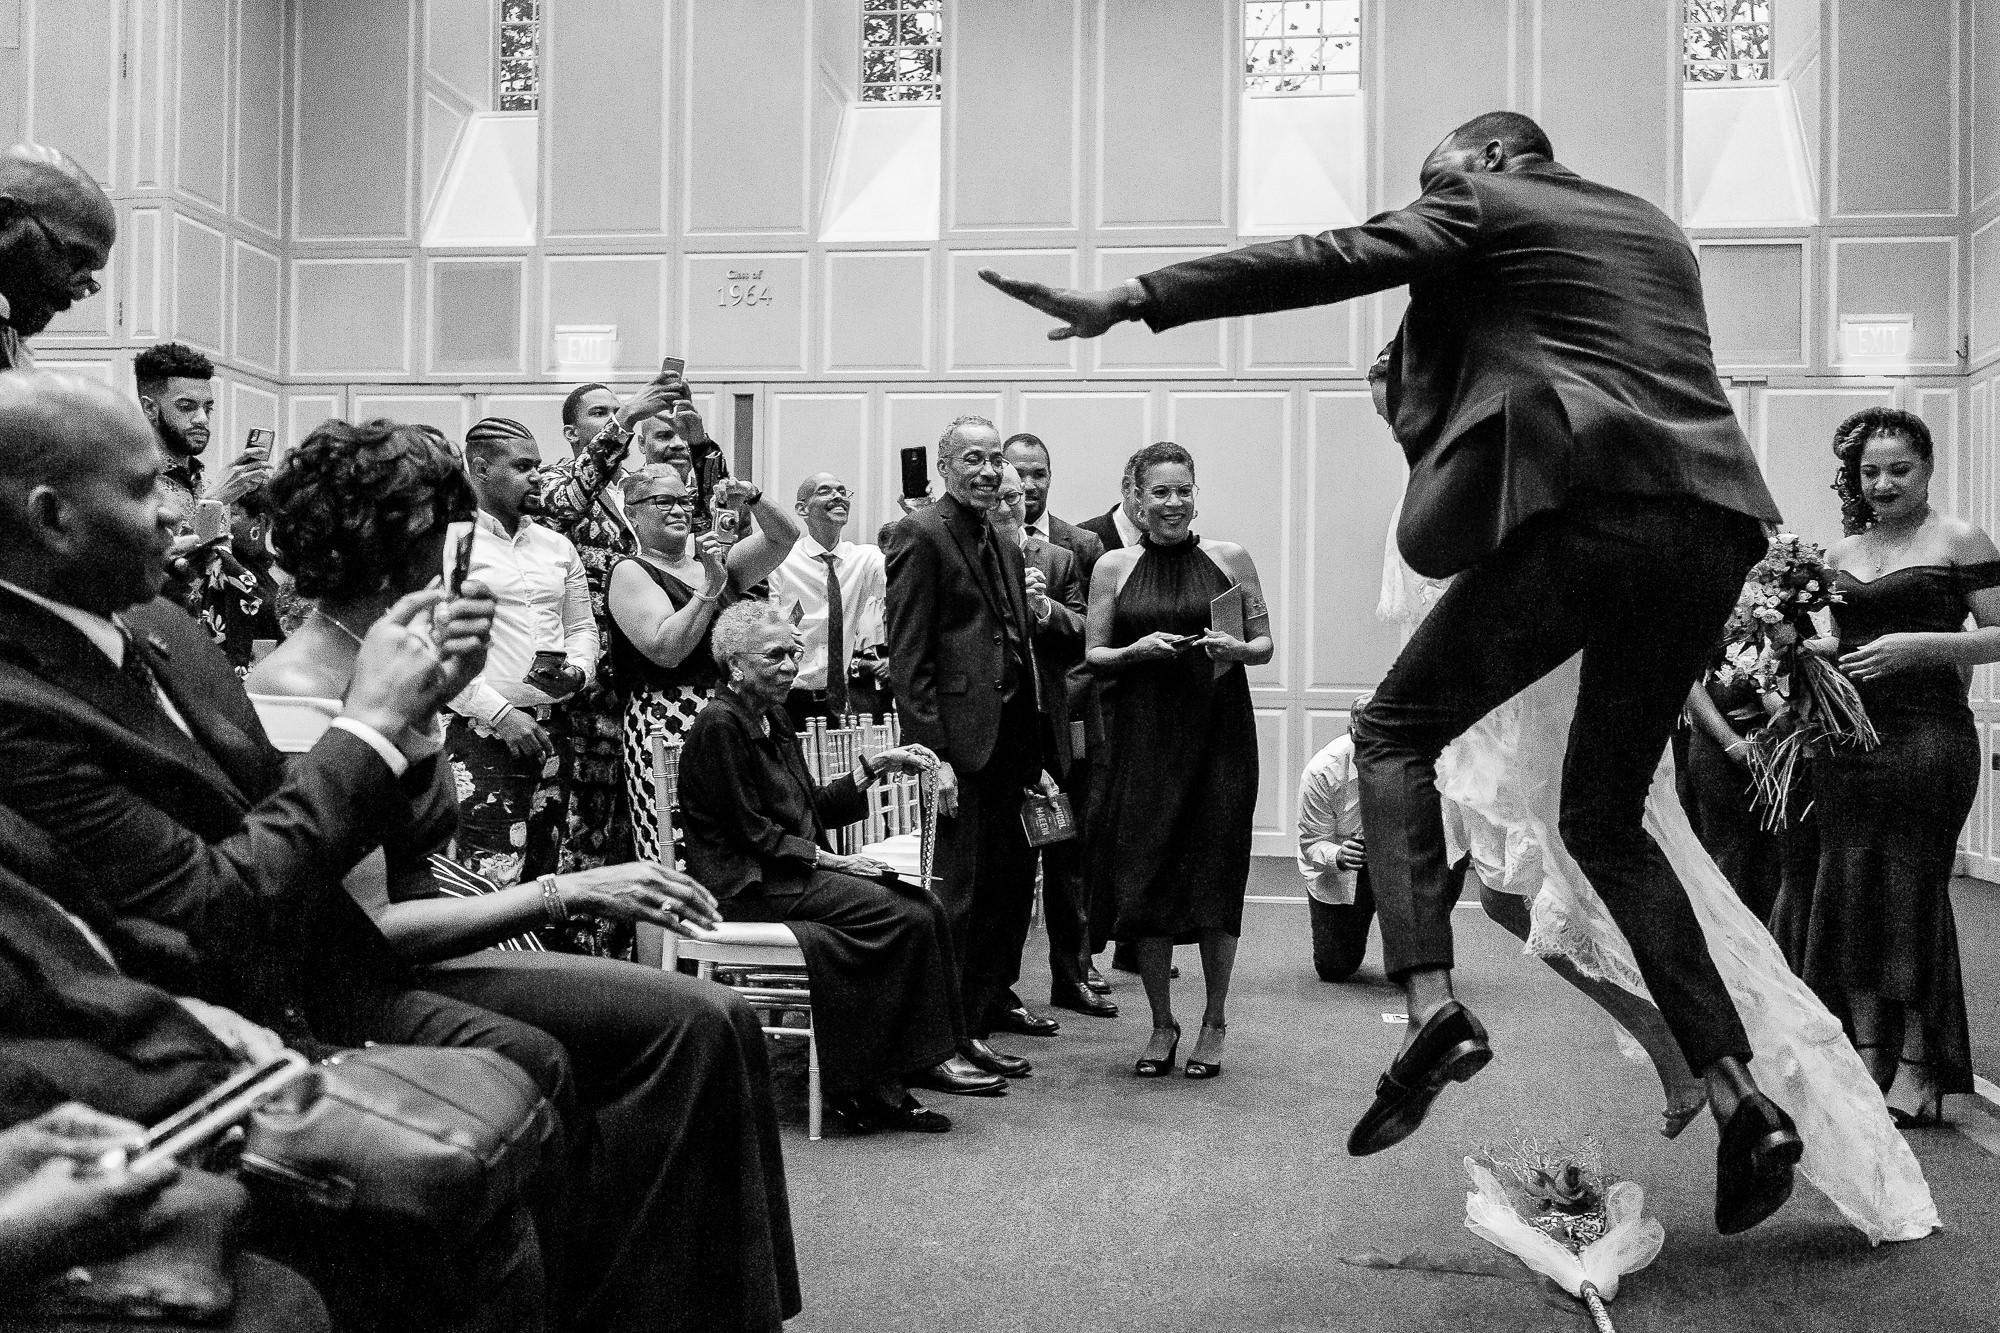 041-041-christopher-jason-studios-university-of-maryland-wedding-raheem-Devaughn-african-american-bride-and-groom.jpg